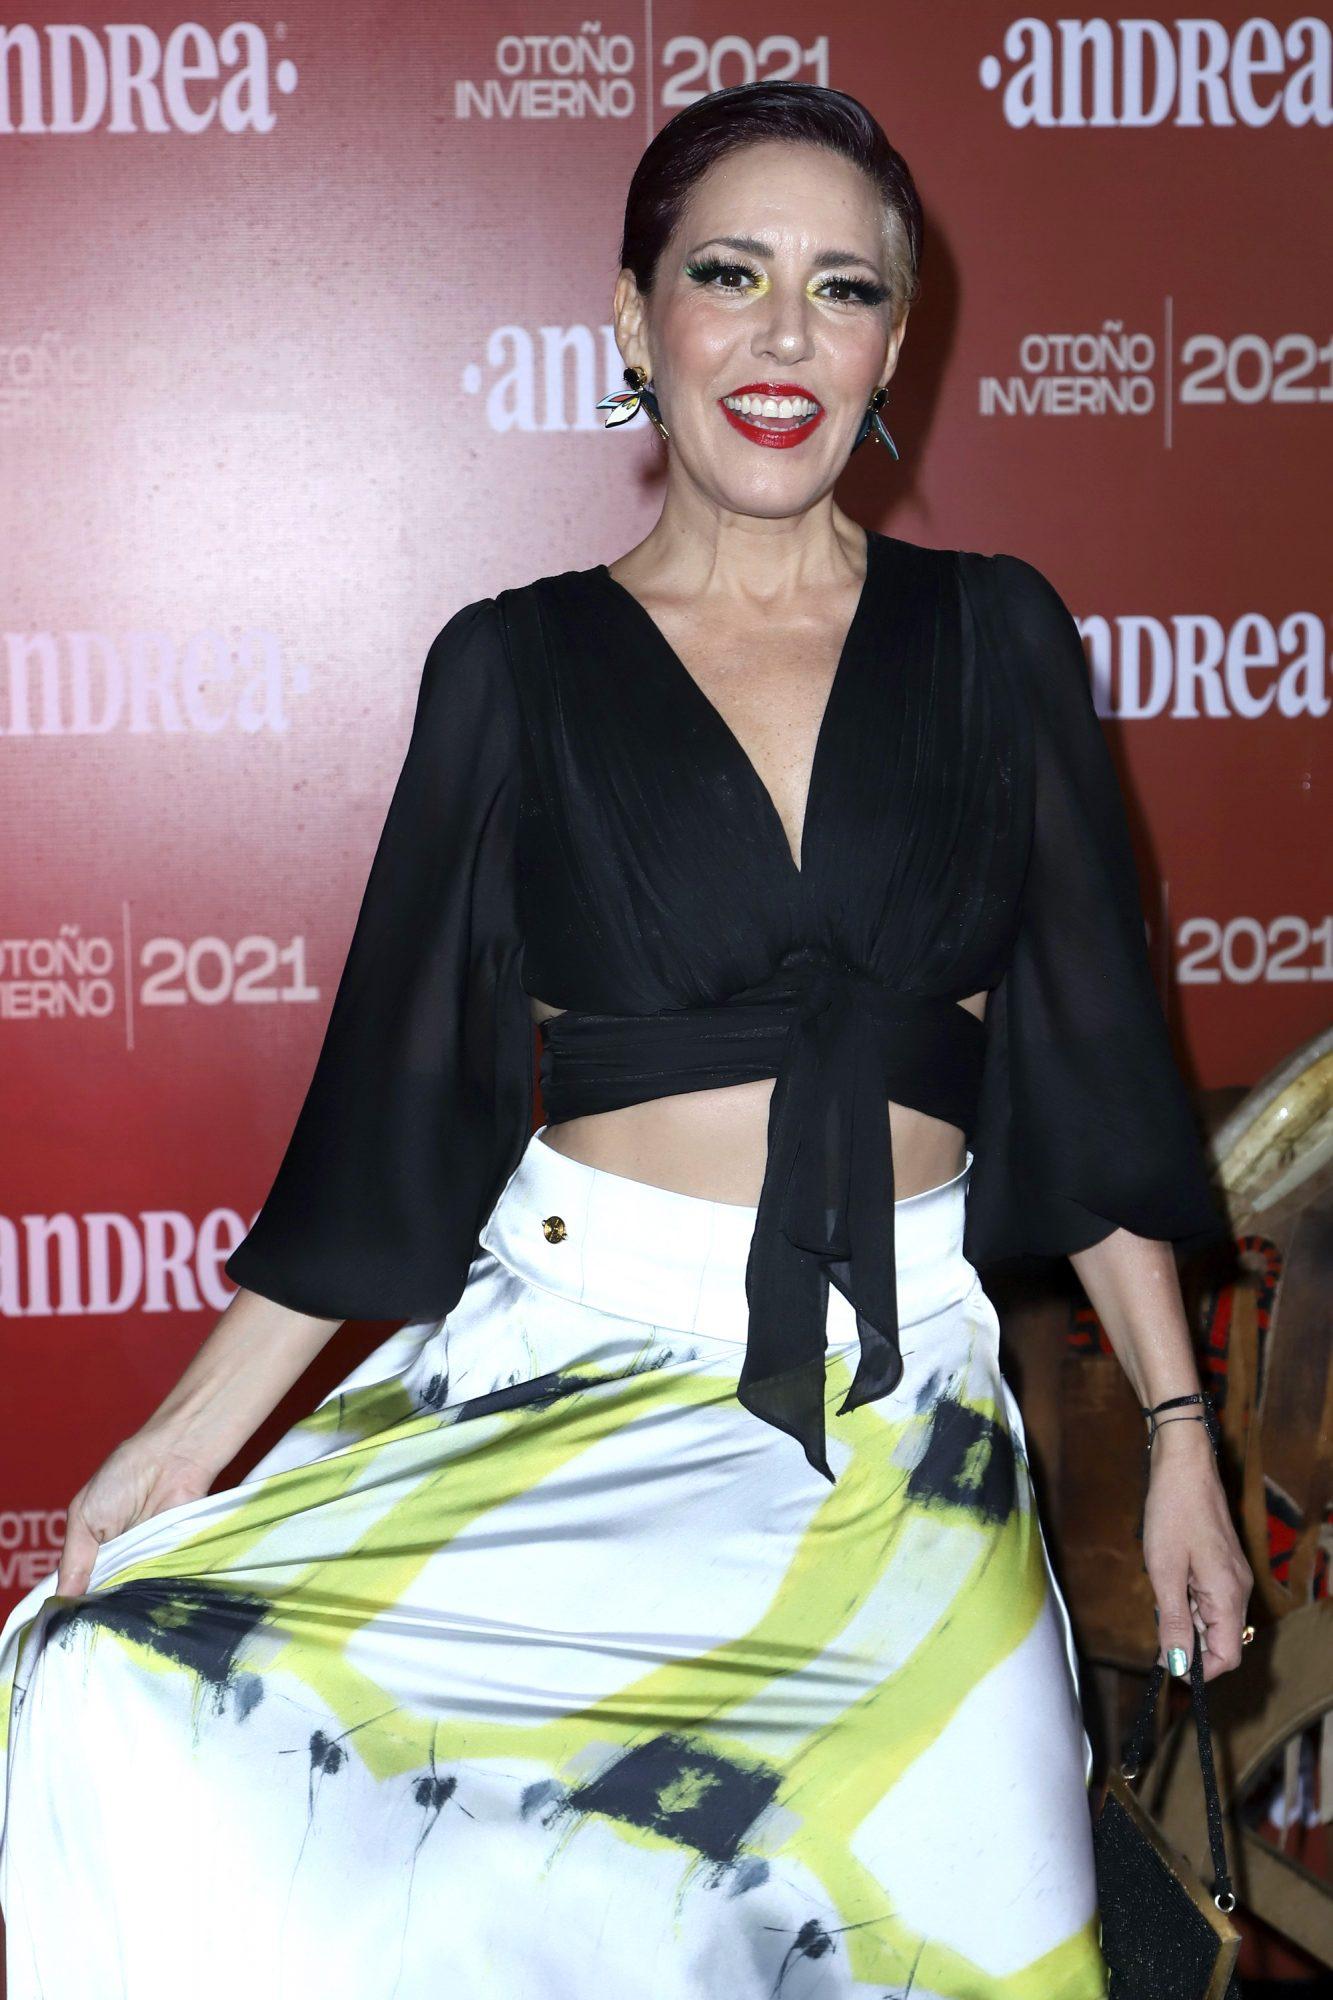 Stephanie Salas en la alfombra roja de la presentación de la nueva colección otoño-invierno de la revista Andrea